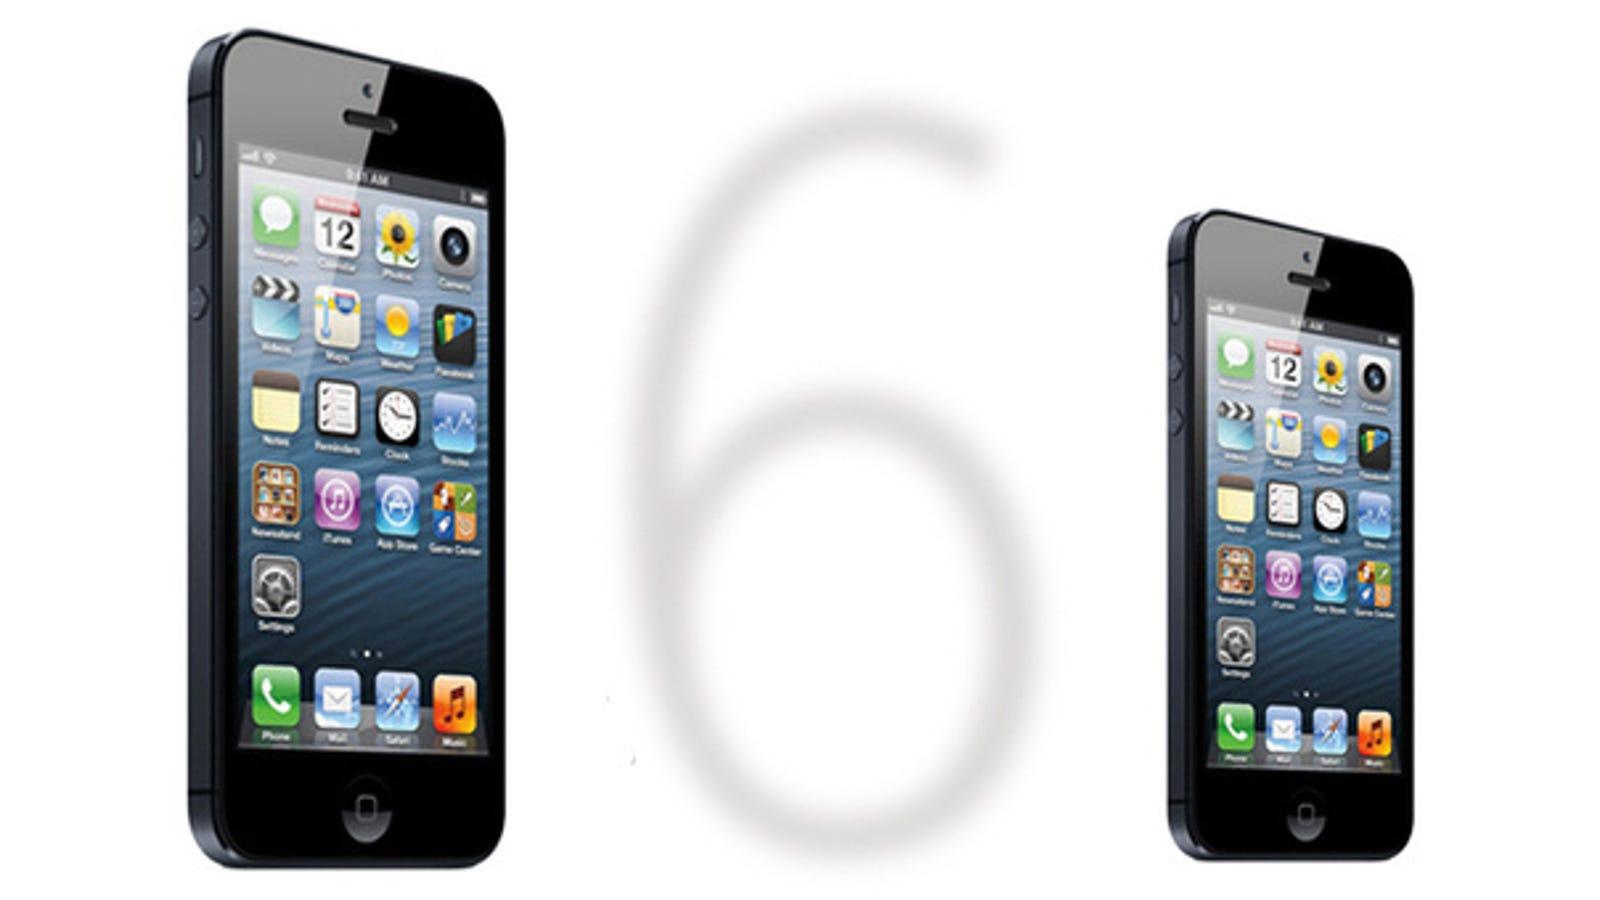 daa2895f335 ¿Cómo será el iPhone 6? Esto es todo lo que se conoce (actualizado)